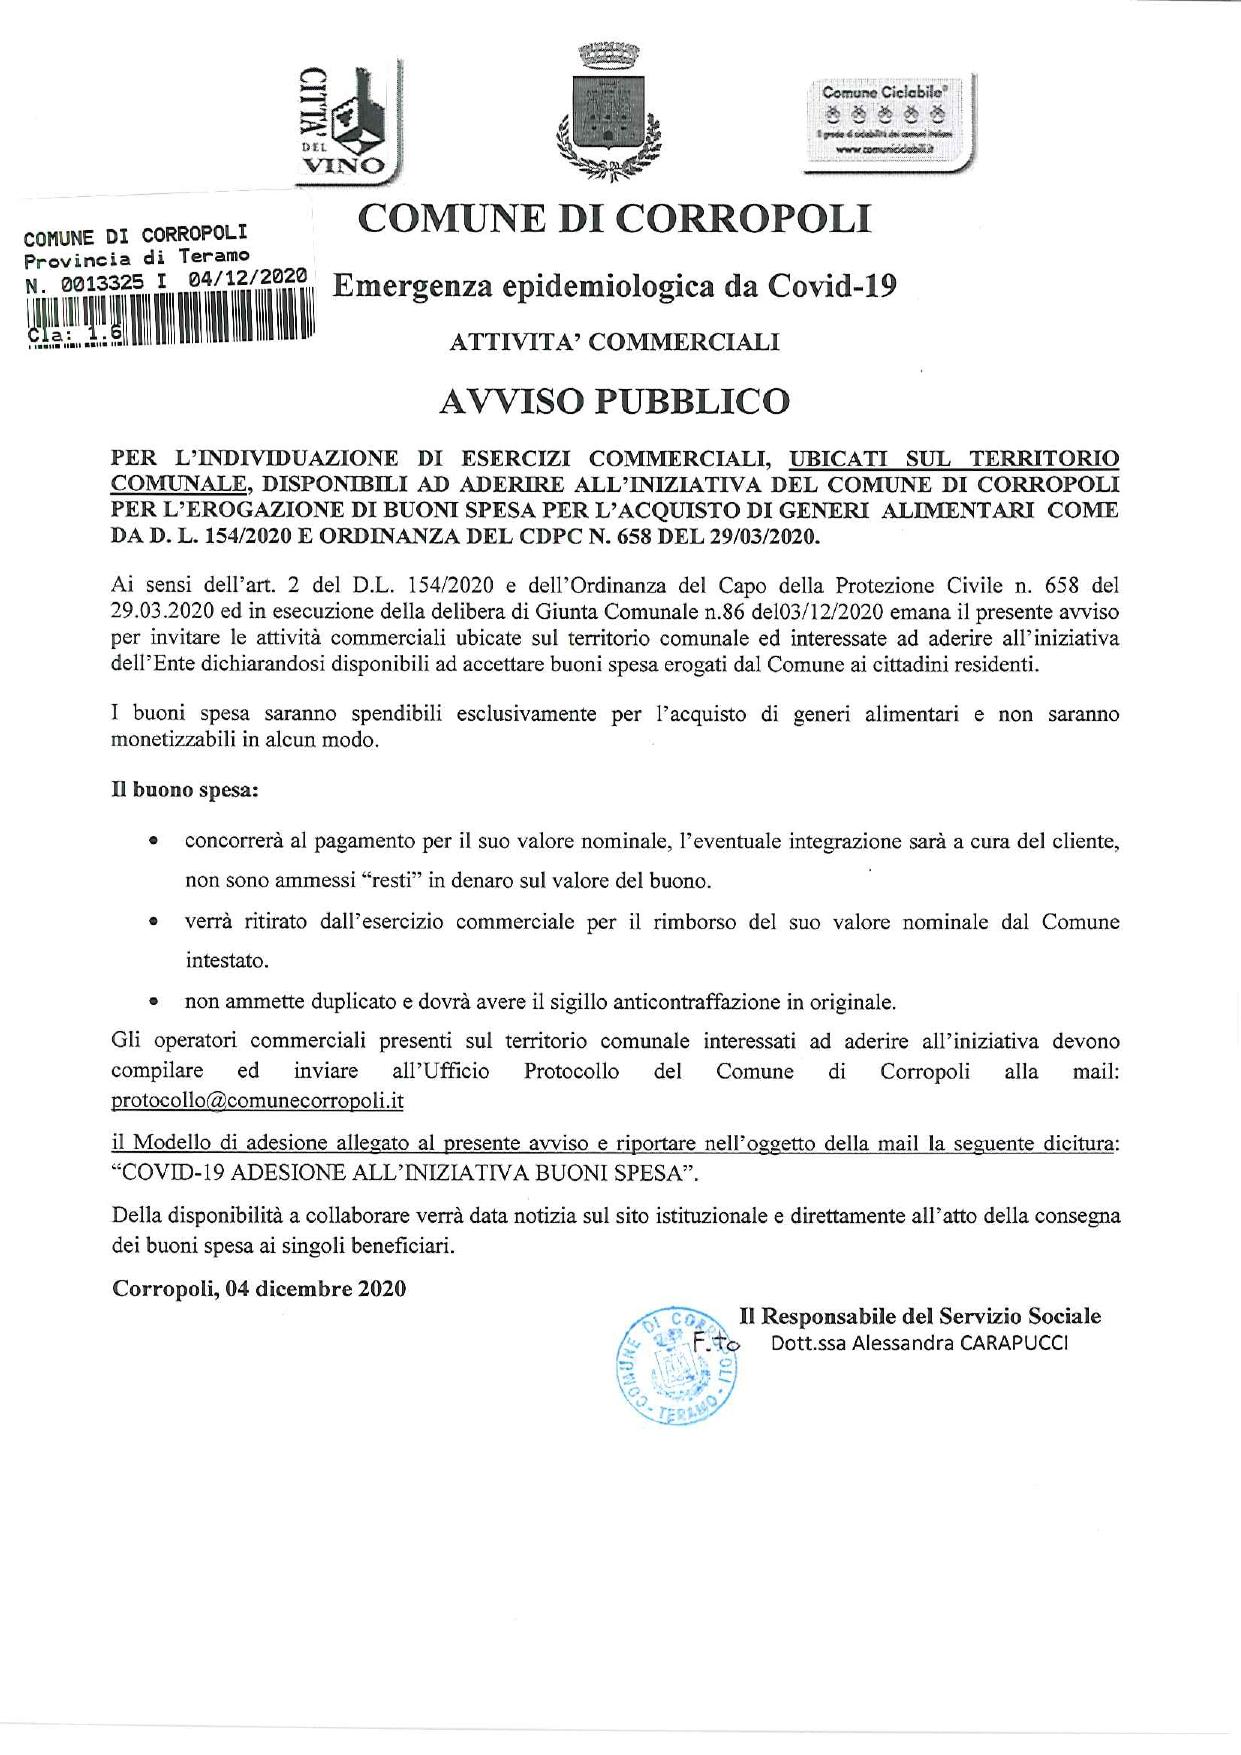 AVVISO PUBBLICO: BUONI SPESA EMERGENZA COVID 19 - ADESIONE ESERCIZI COMMERCIALI